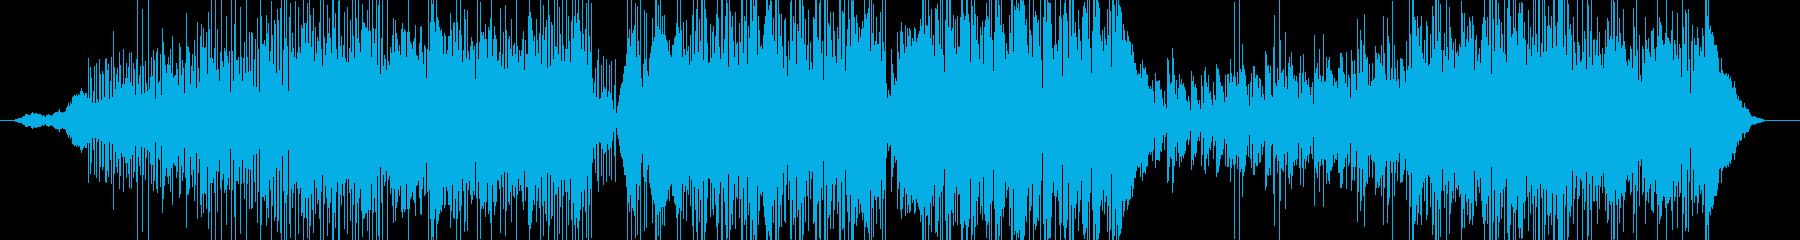 アンビエント 神経質 淡々 テクノ...の再生済みの波形